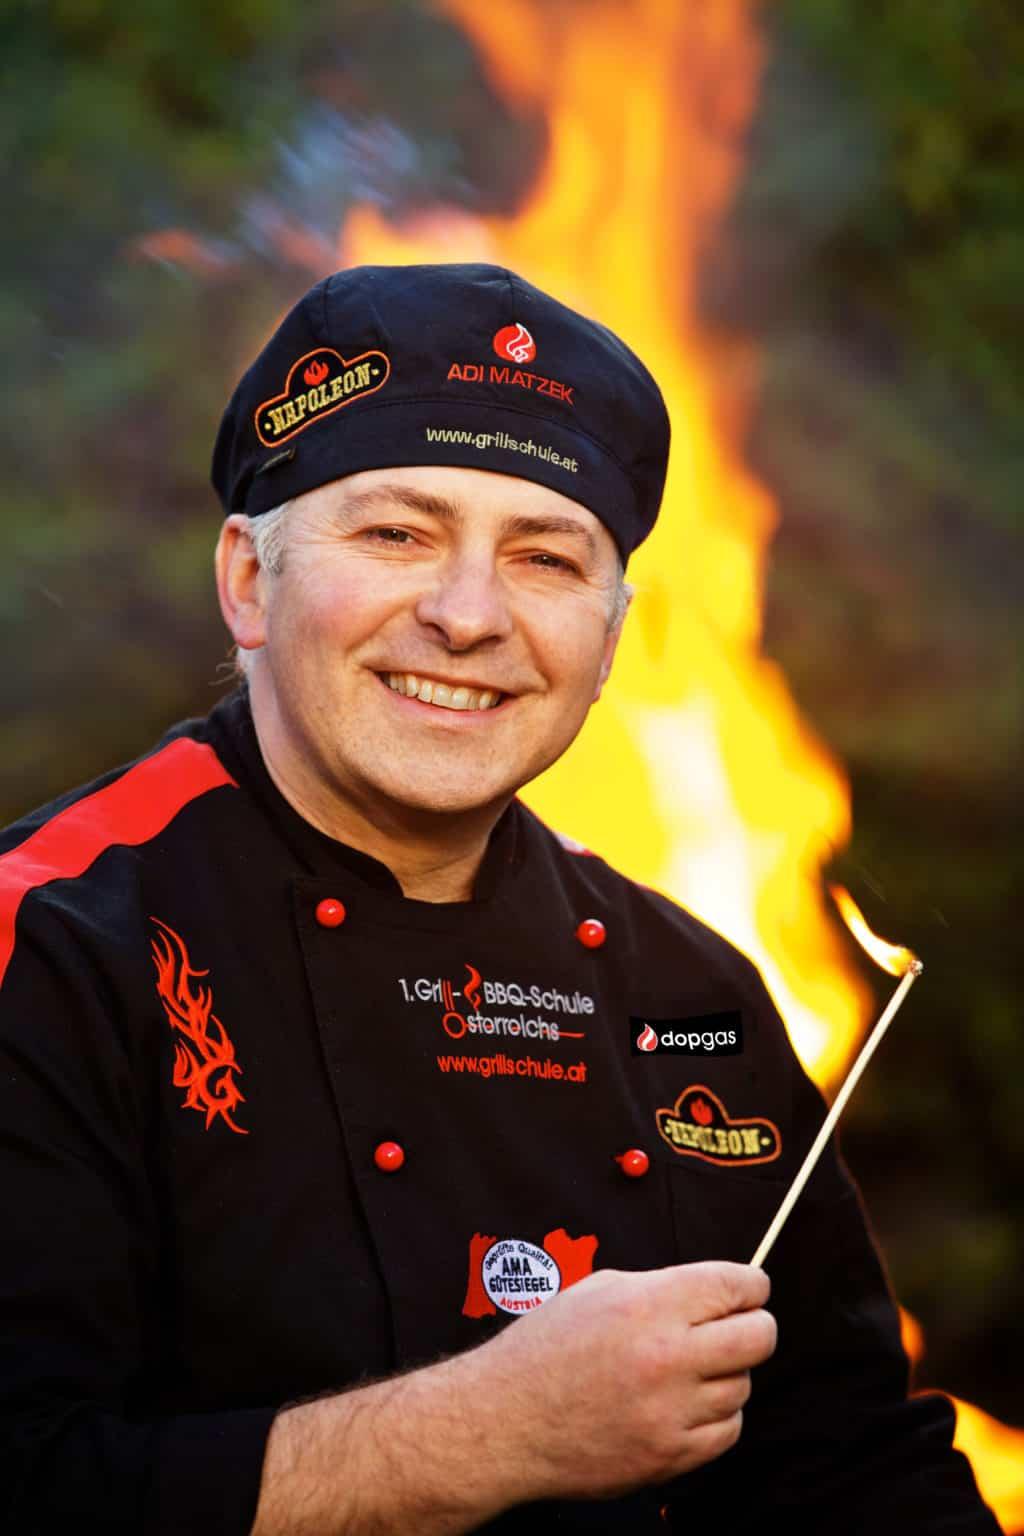 Adi Matzek Feuer